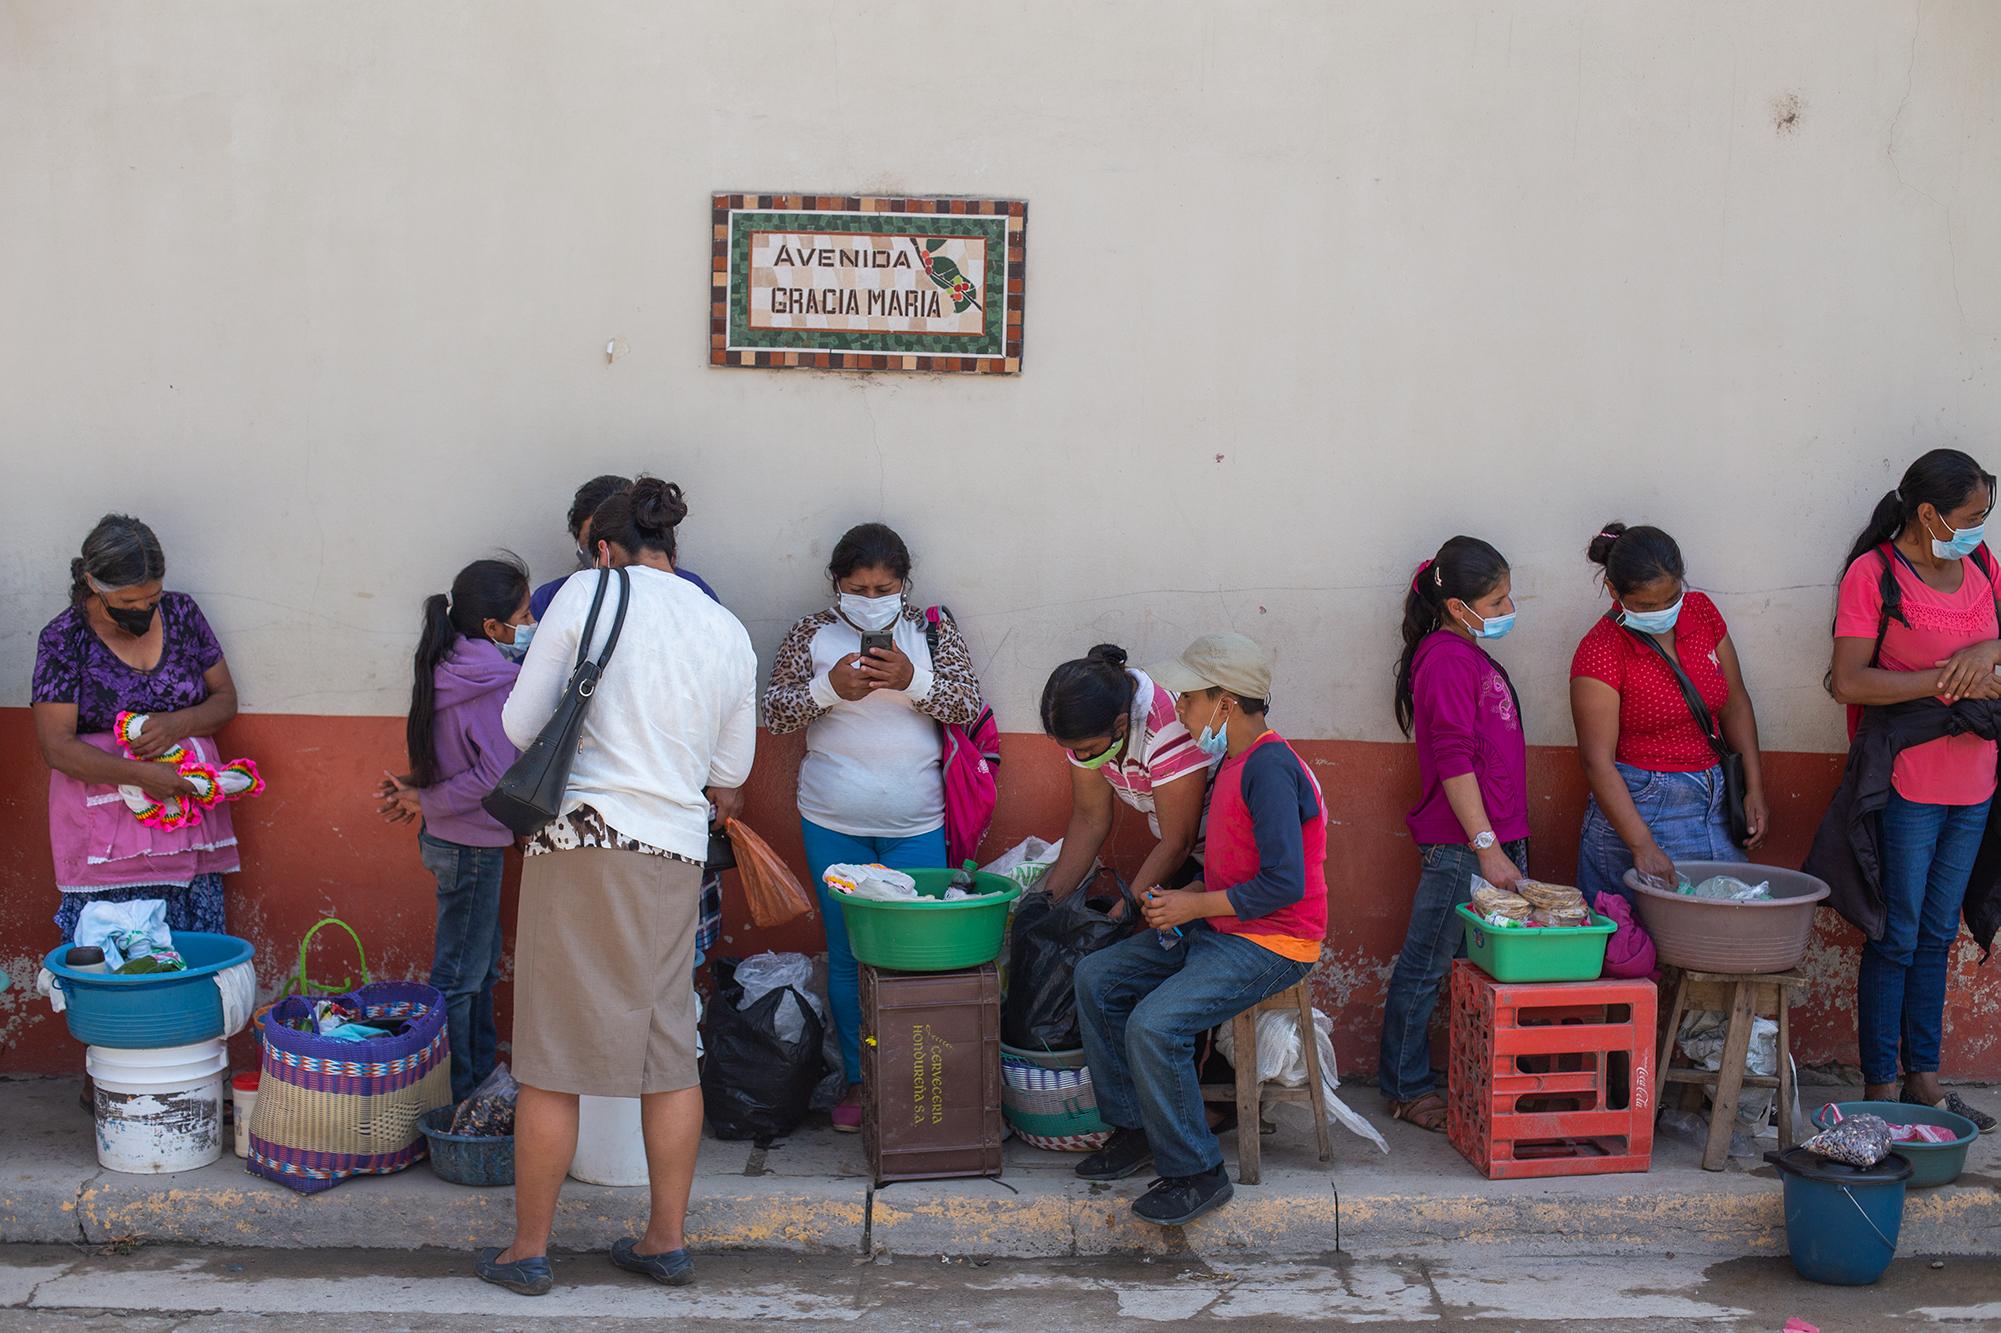 Un grupo de mujeres vende tortillas y productos lácteos junto a sus hijos e hijas en una calle del centro de Marcala. En el departamento de La Paz, el Ministerio Público recibió 574 denuncias por delitos contra la libertad sexual entre 2014 y 2019. Del total, 182 víctimas eran menores de edad, 4 agresores eran militares. Marcala, La Paz, 22 de octubre de 2020. Foto: Martín Cálix.